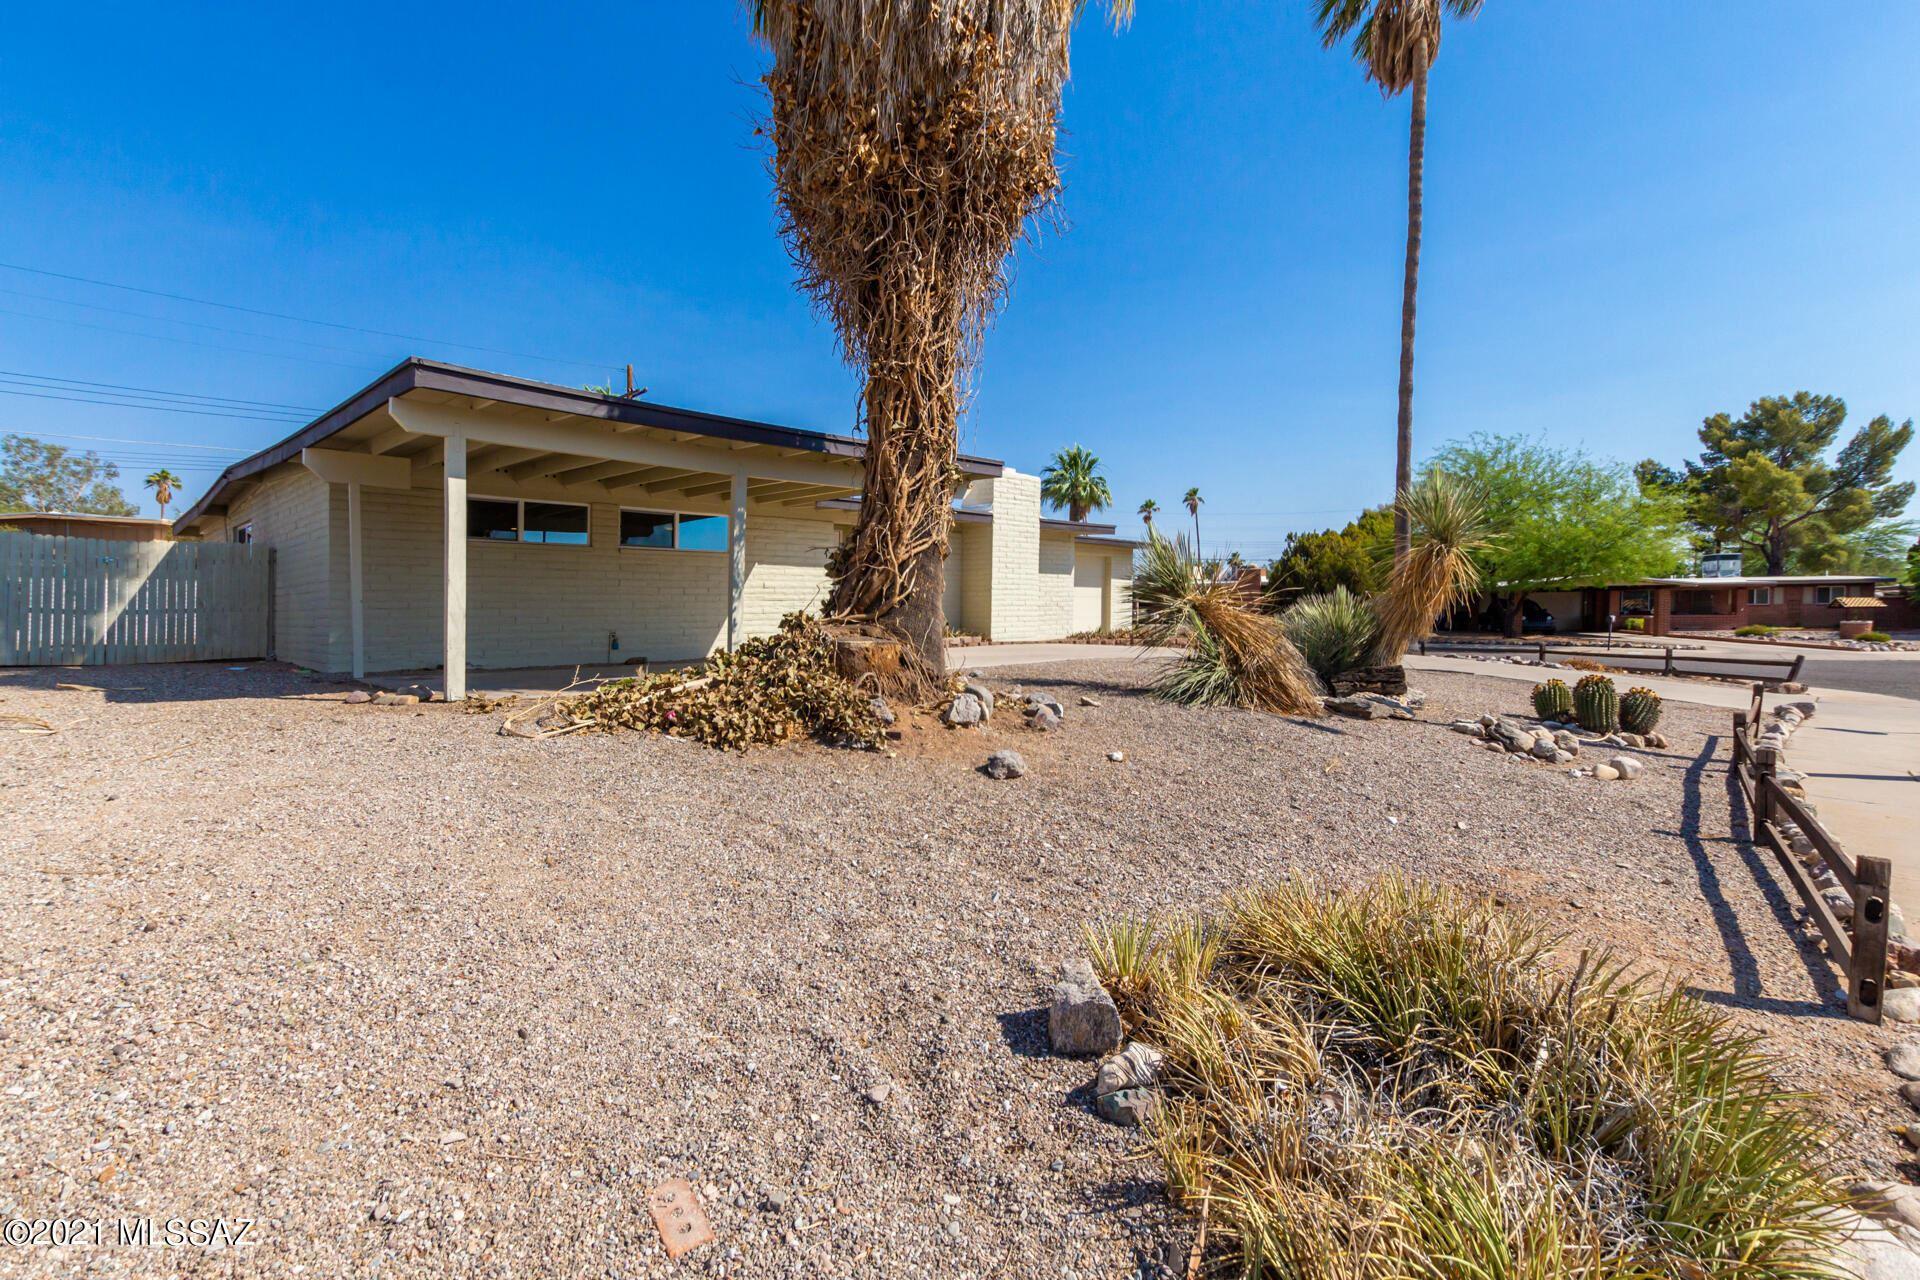 8037 E 18th Place, Tucson, AZ 85710 - MLS#: 22116126